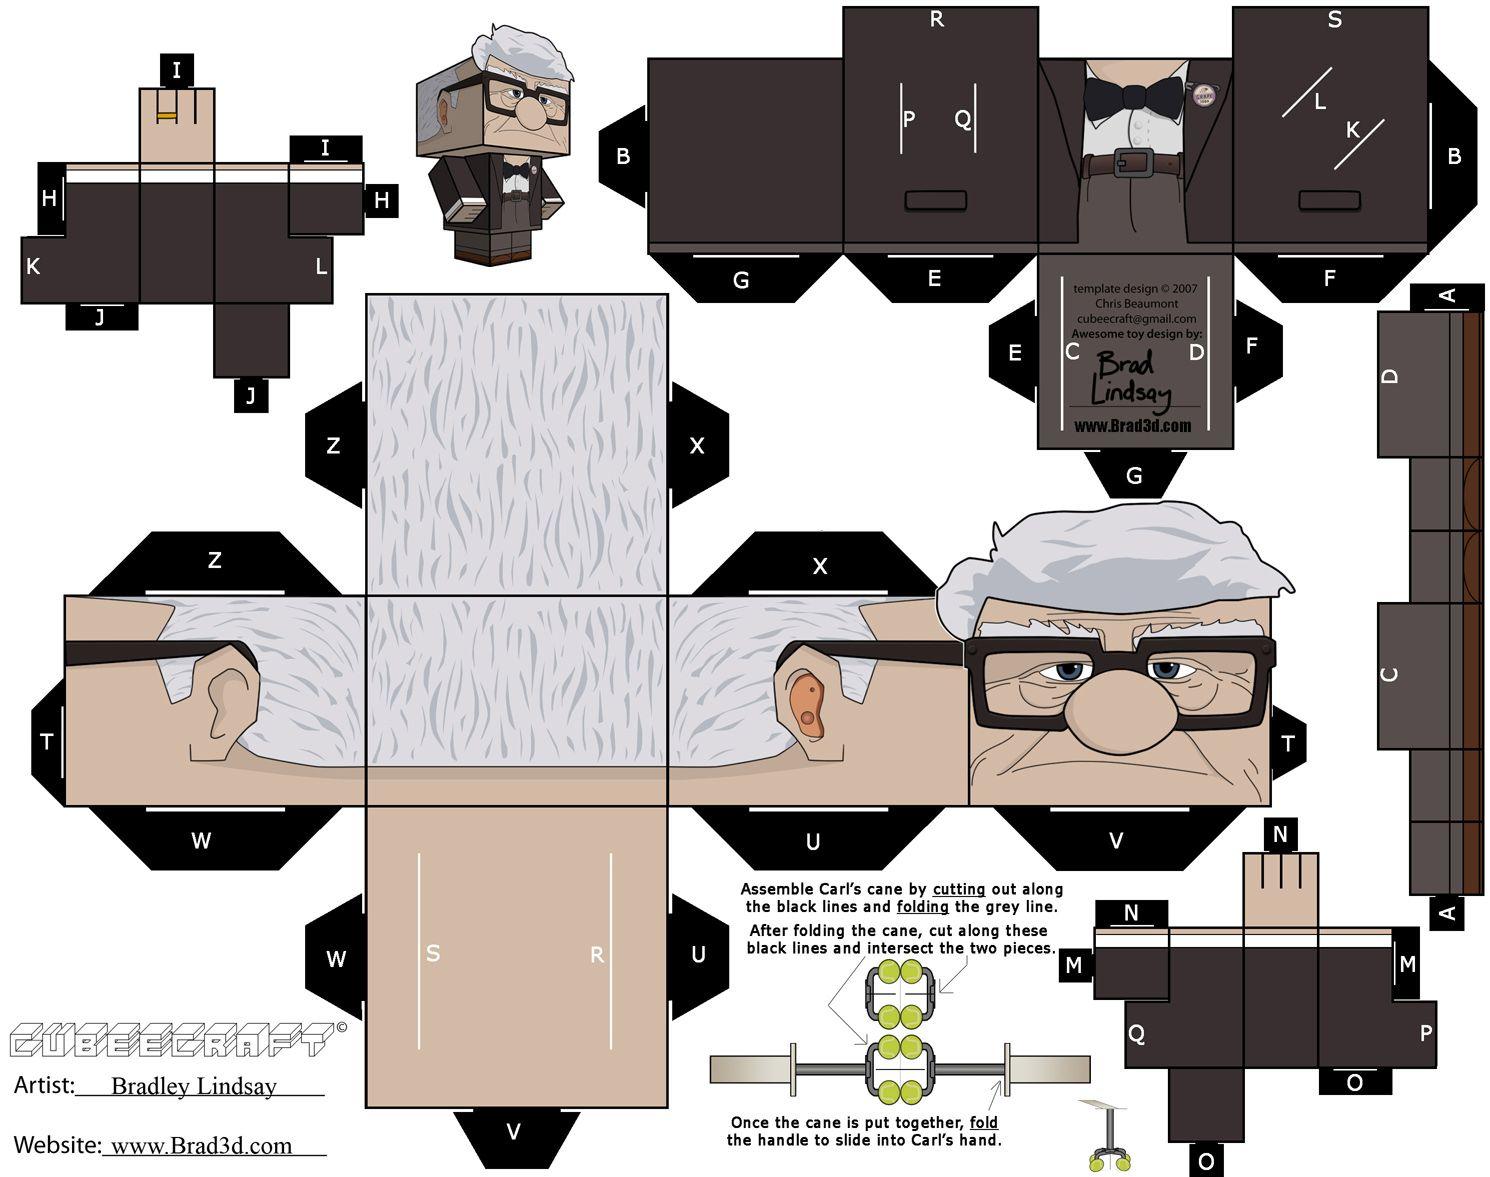 Carl Fredricksen Cubeecraft | Brinquedos de papel, Papel em 3d ...